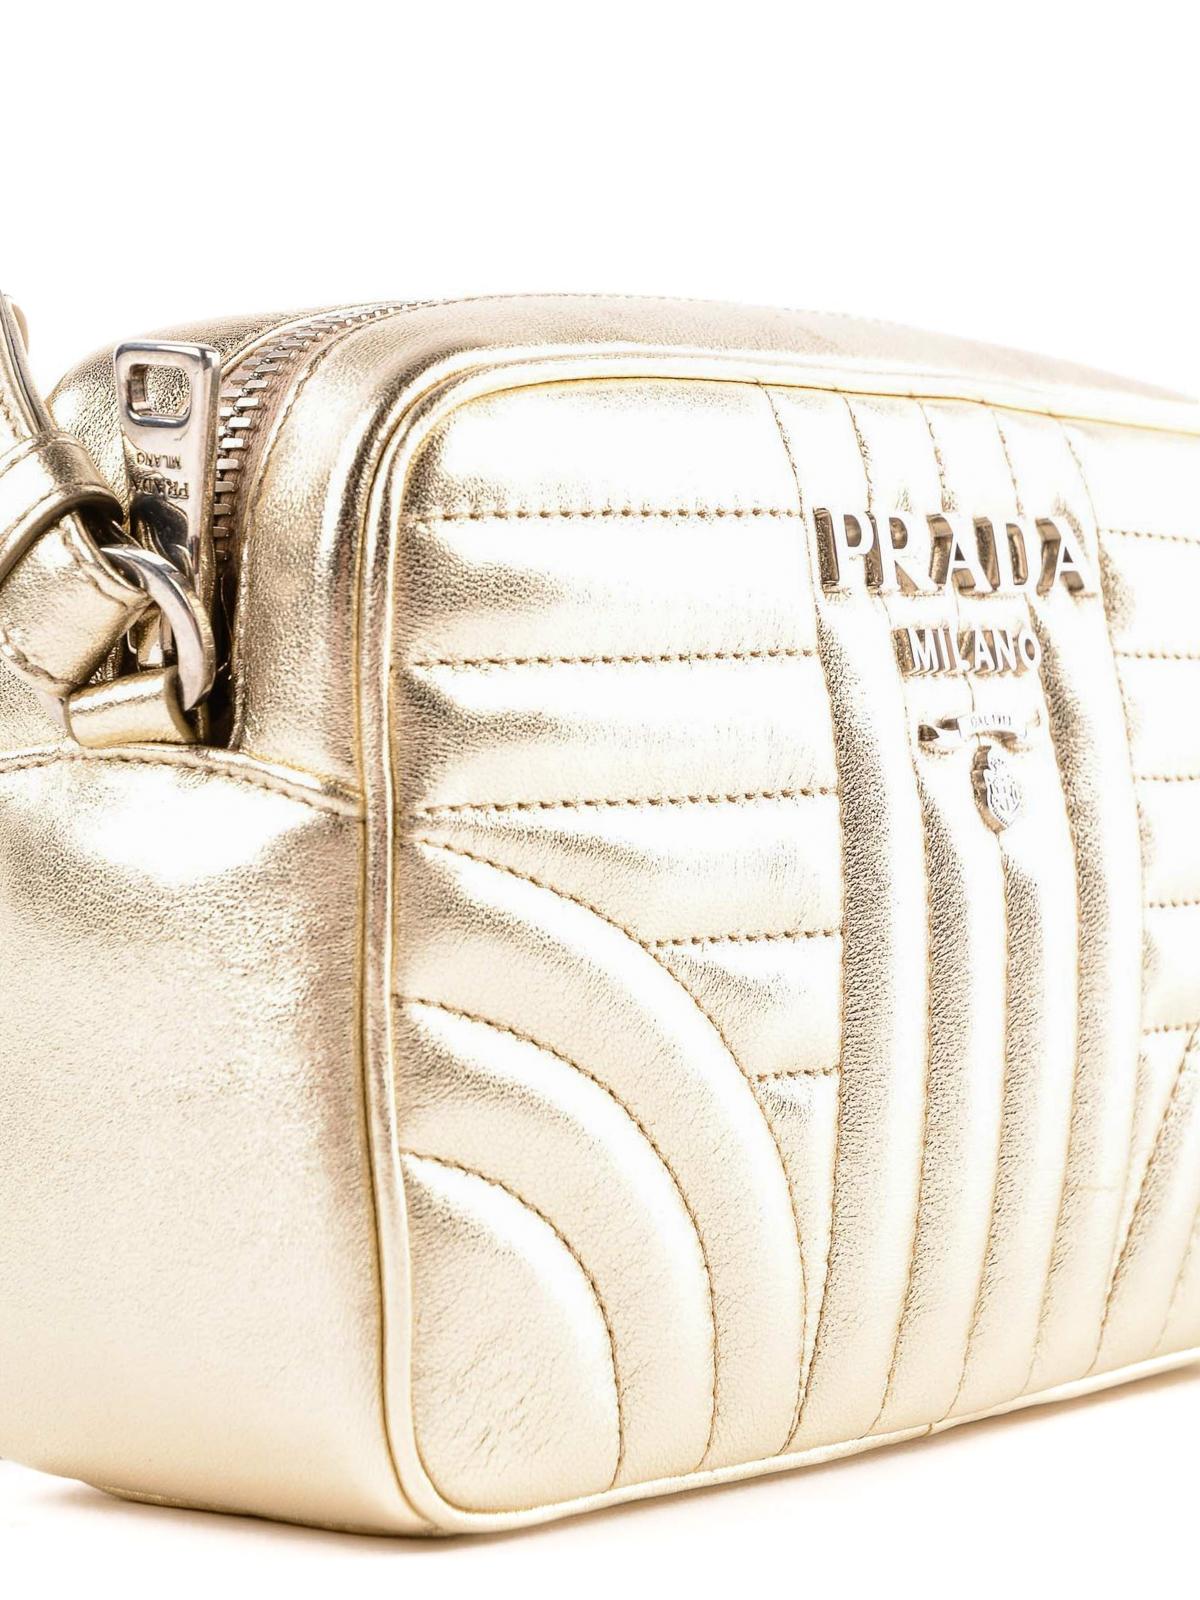 d4c45de2b7 Prada - Diagramme gold soft camera bag - کیف کج - 1BH084.2B0X.V.COI 846